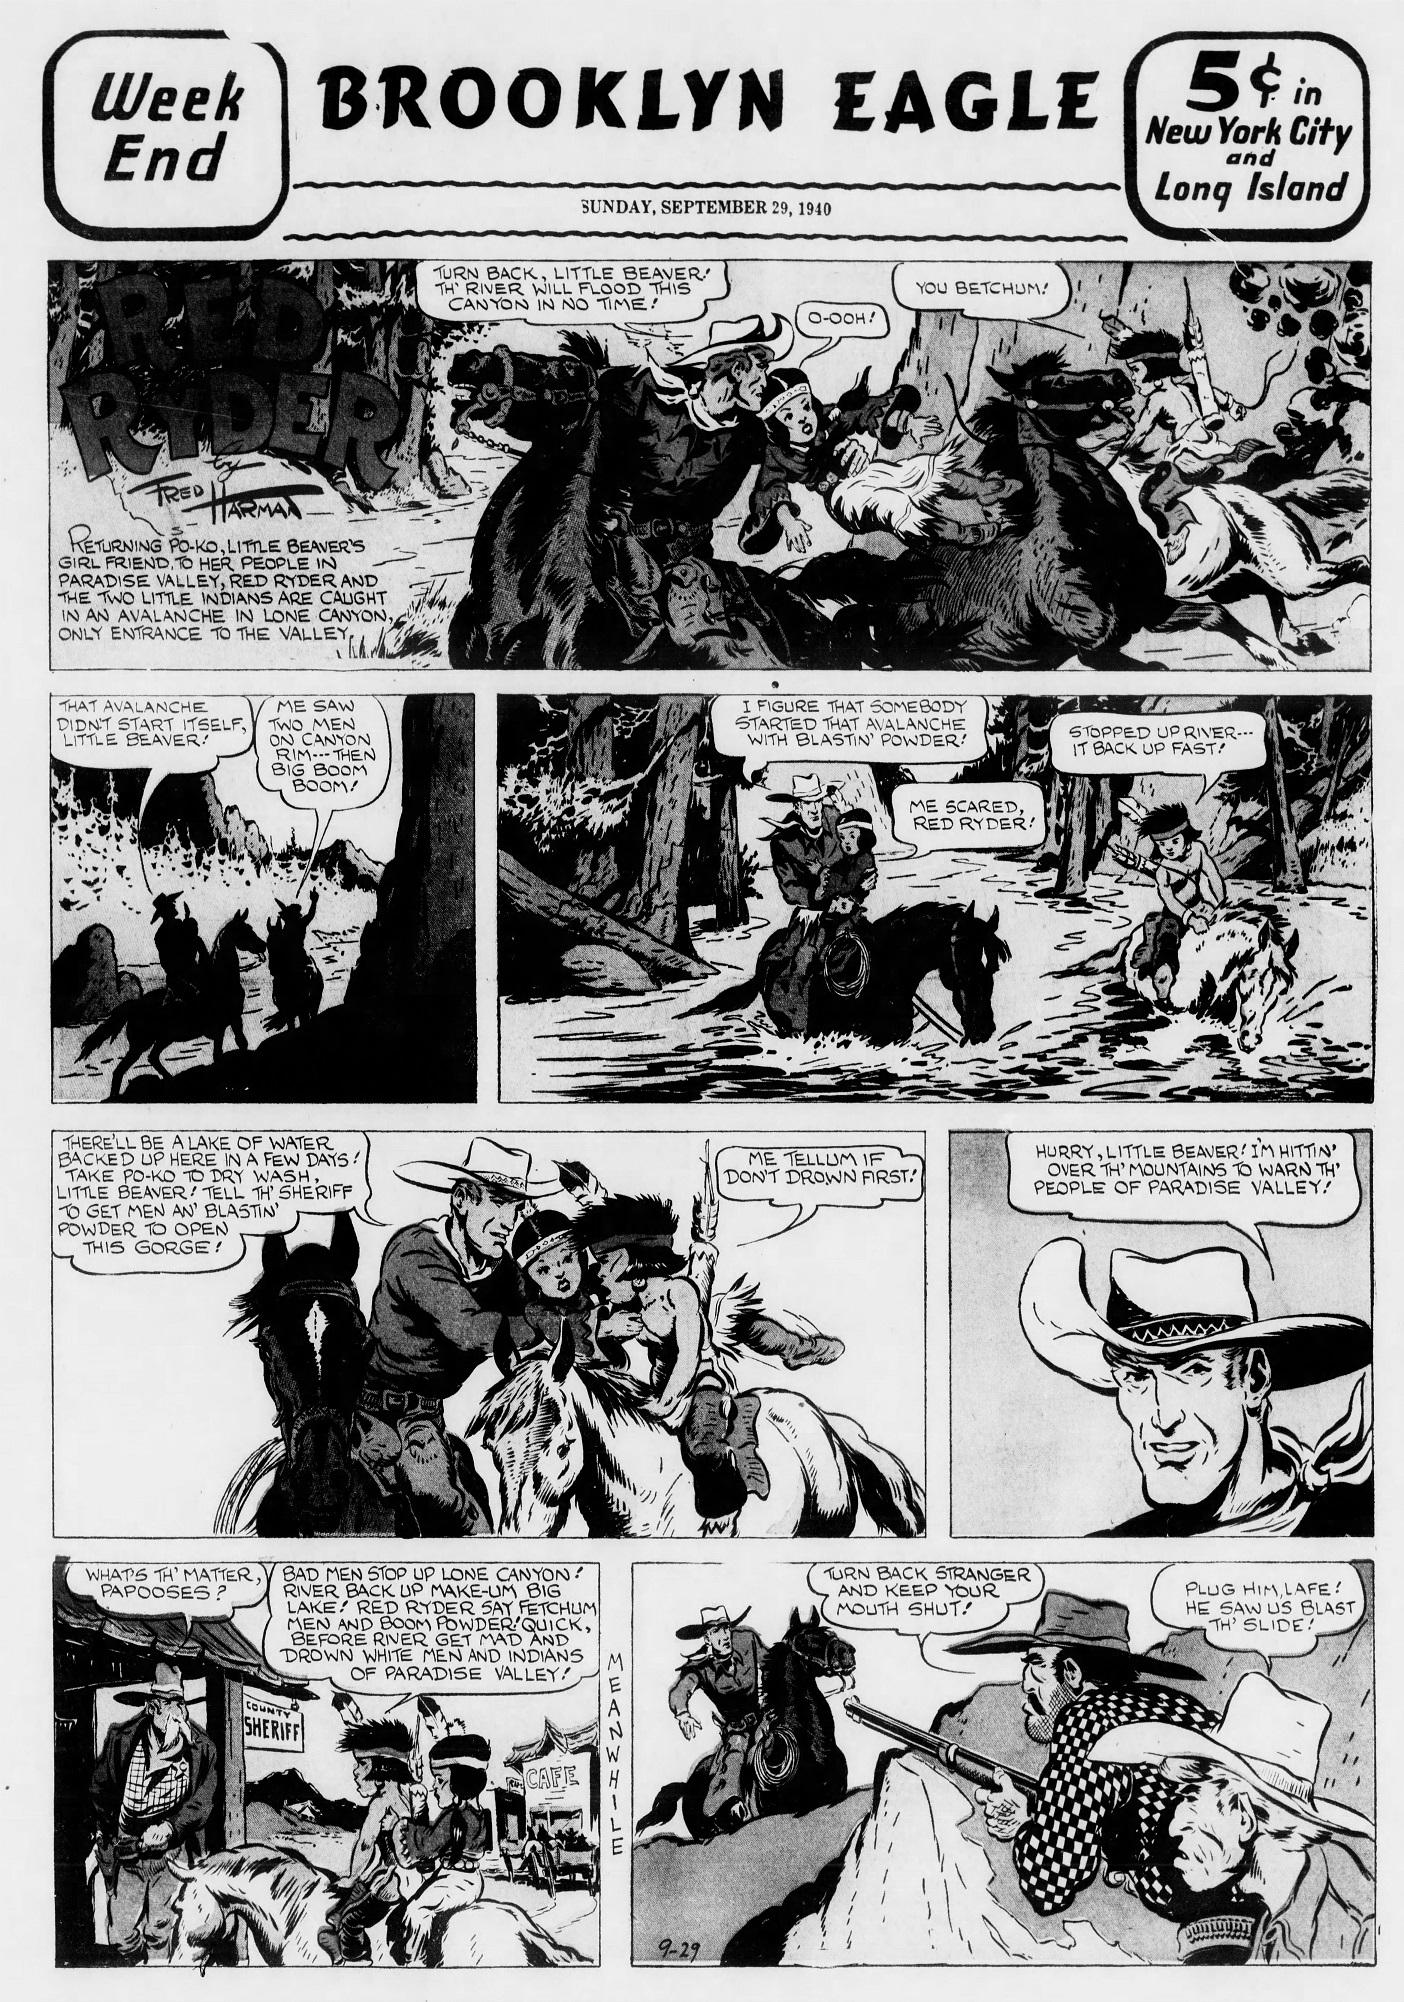 The_Brooklyn_Daily_Eagle_Sun__Sep_29__1940_(5).jpg